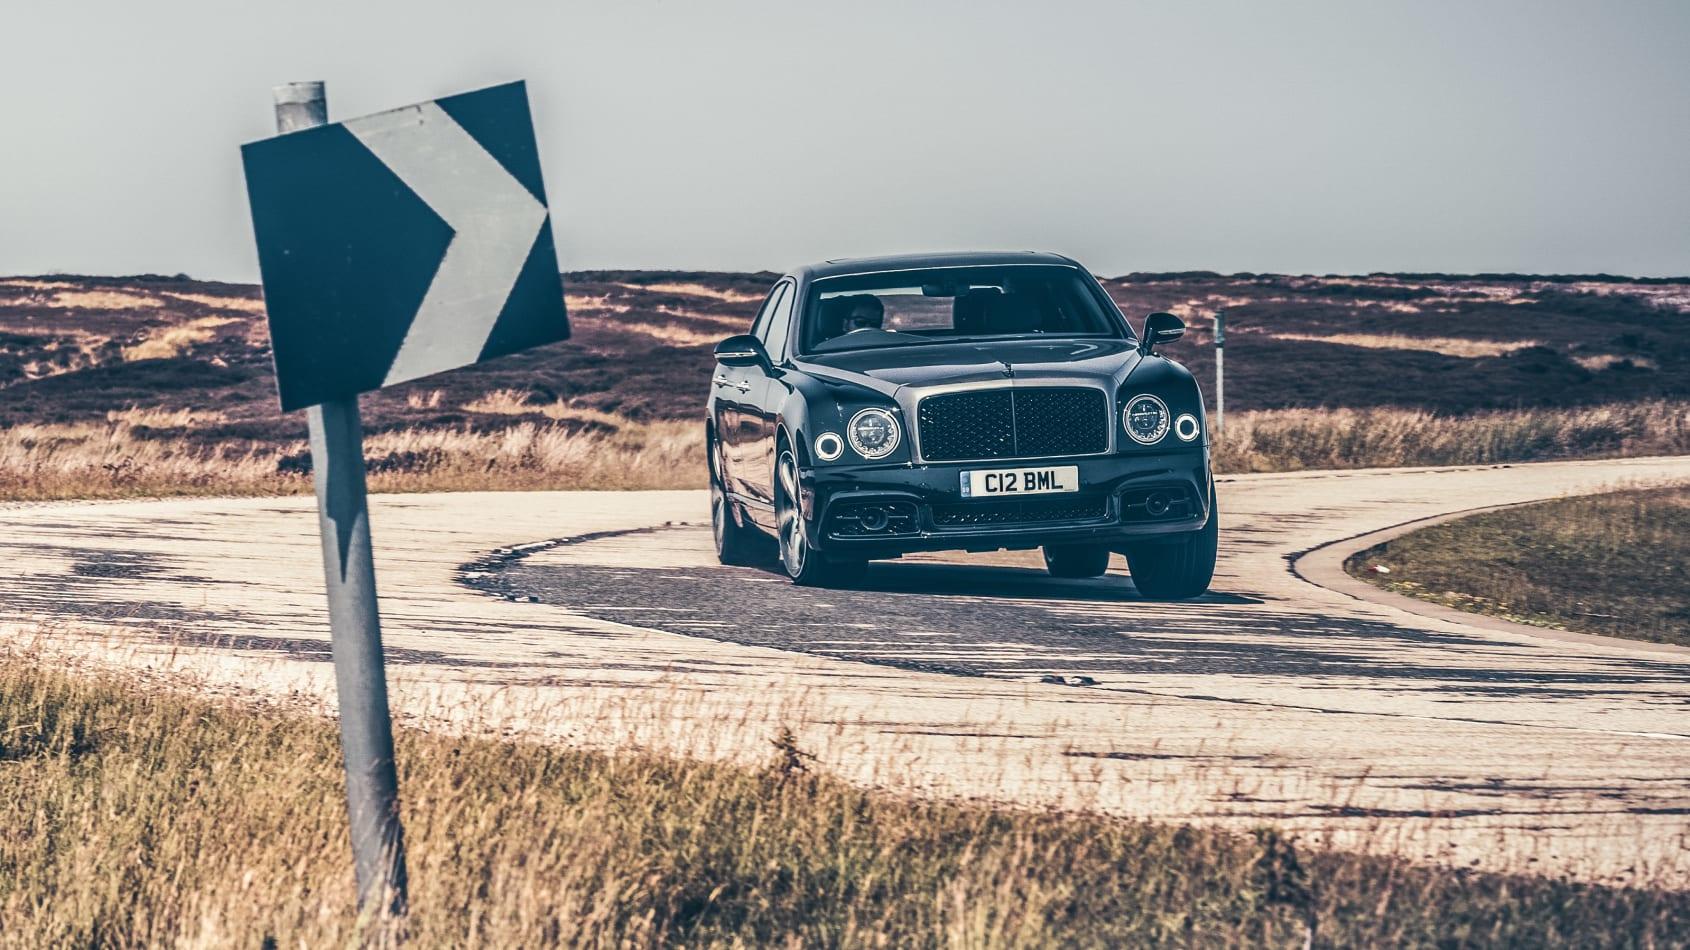 [Image: Bentley%20Mulsanne%20car%20pics%20of%20the%20week-4.jpg]